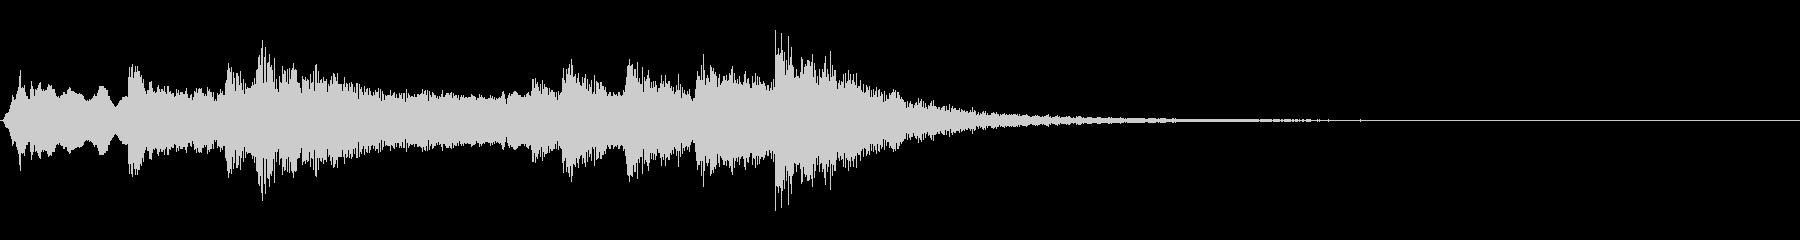 和風ジングル:尺八、筝、太鼓による侘びの未再生の波形